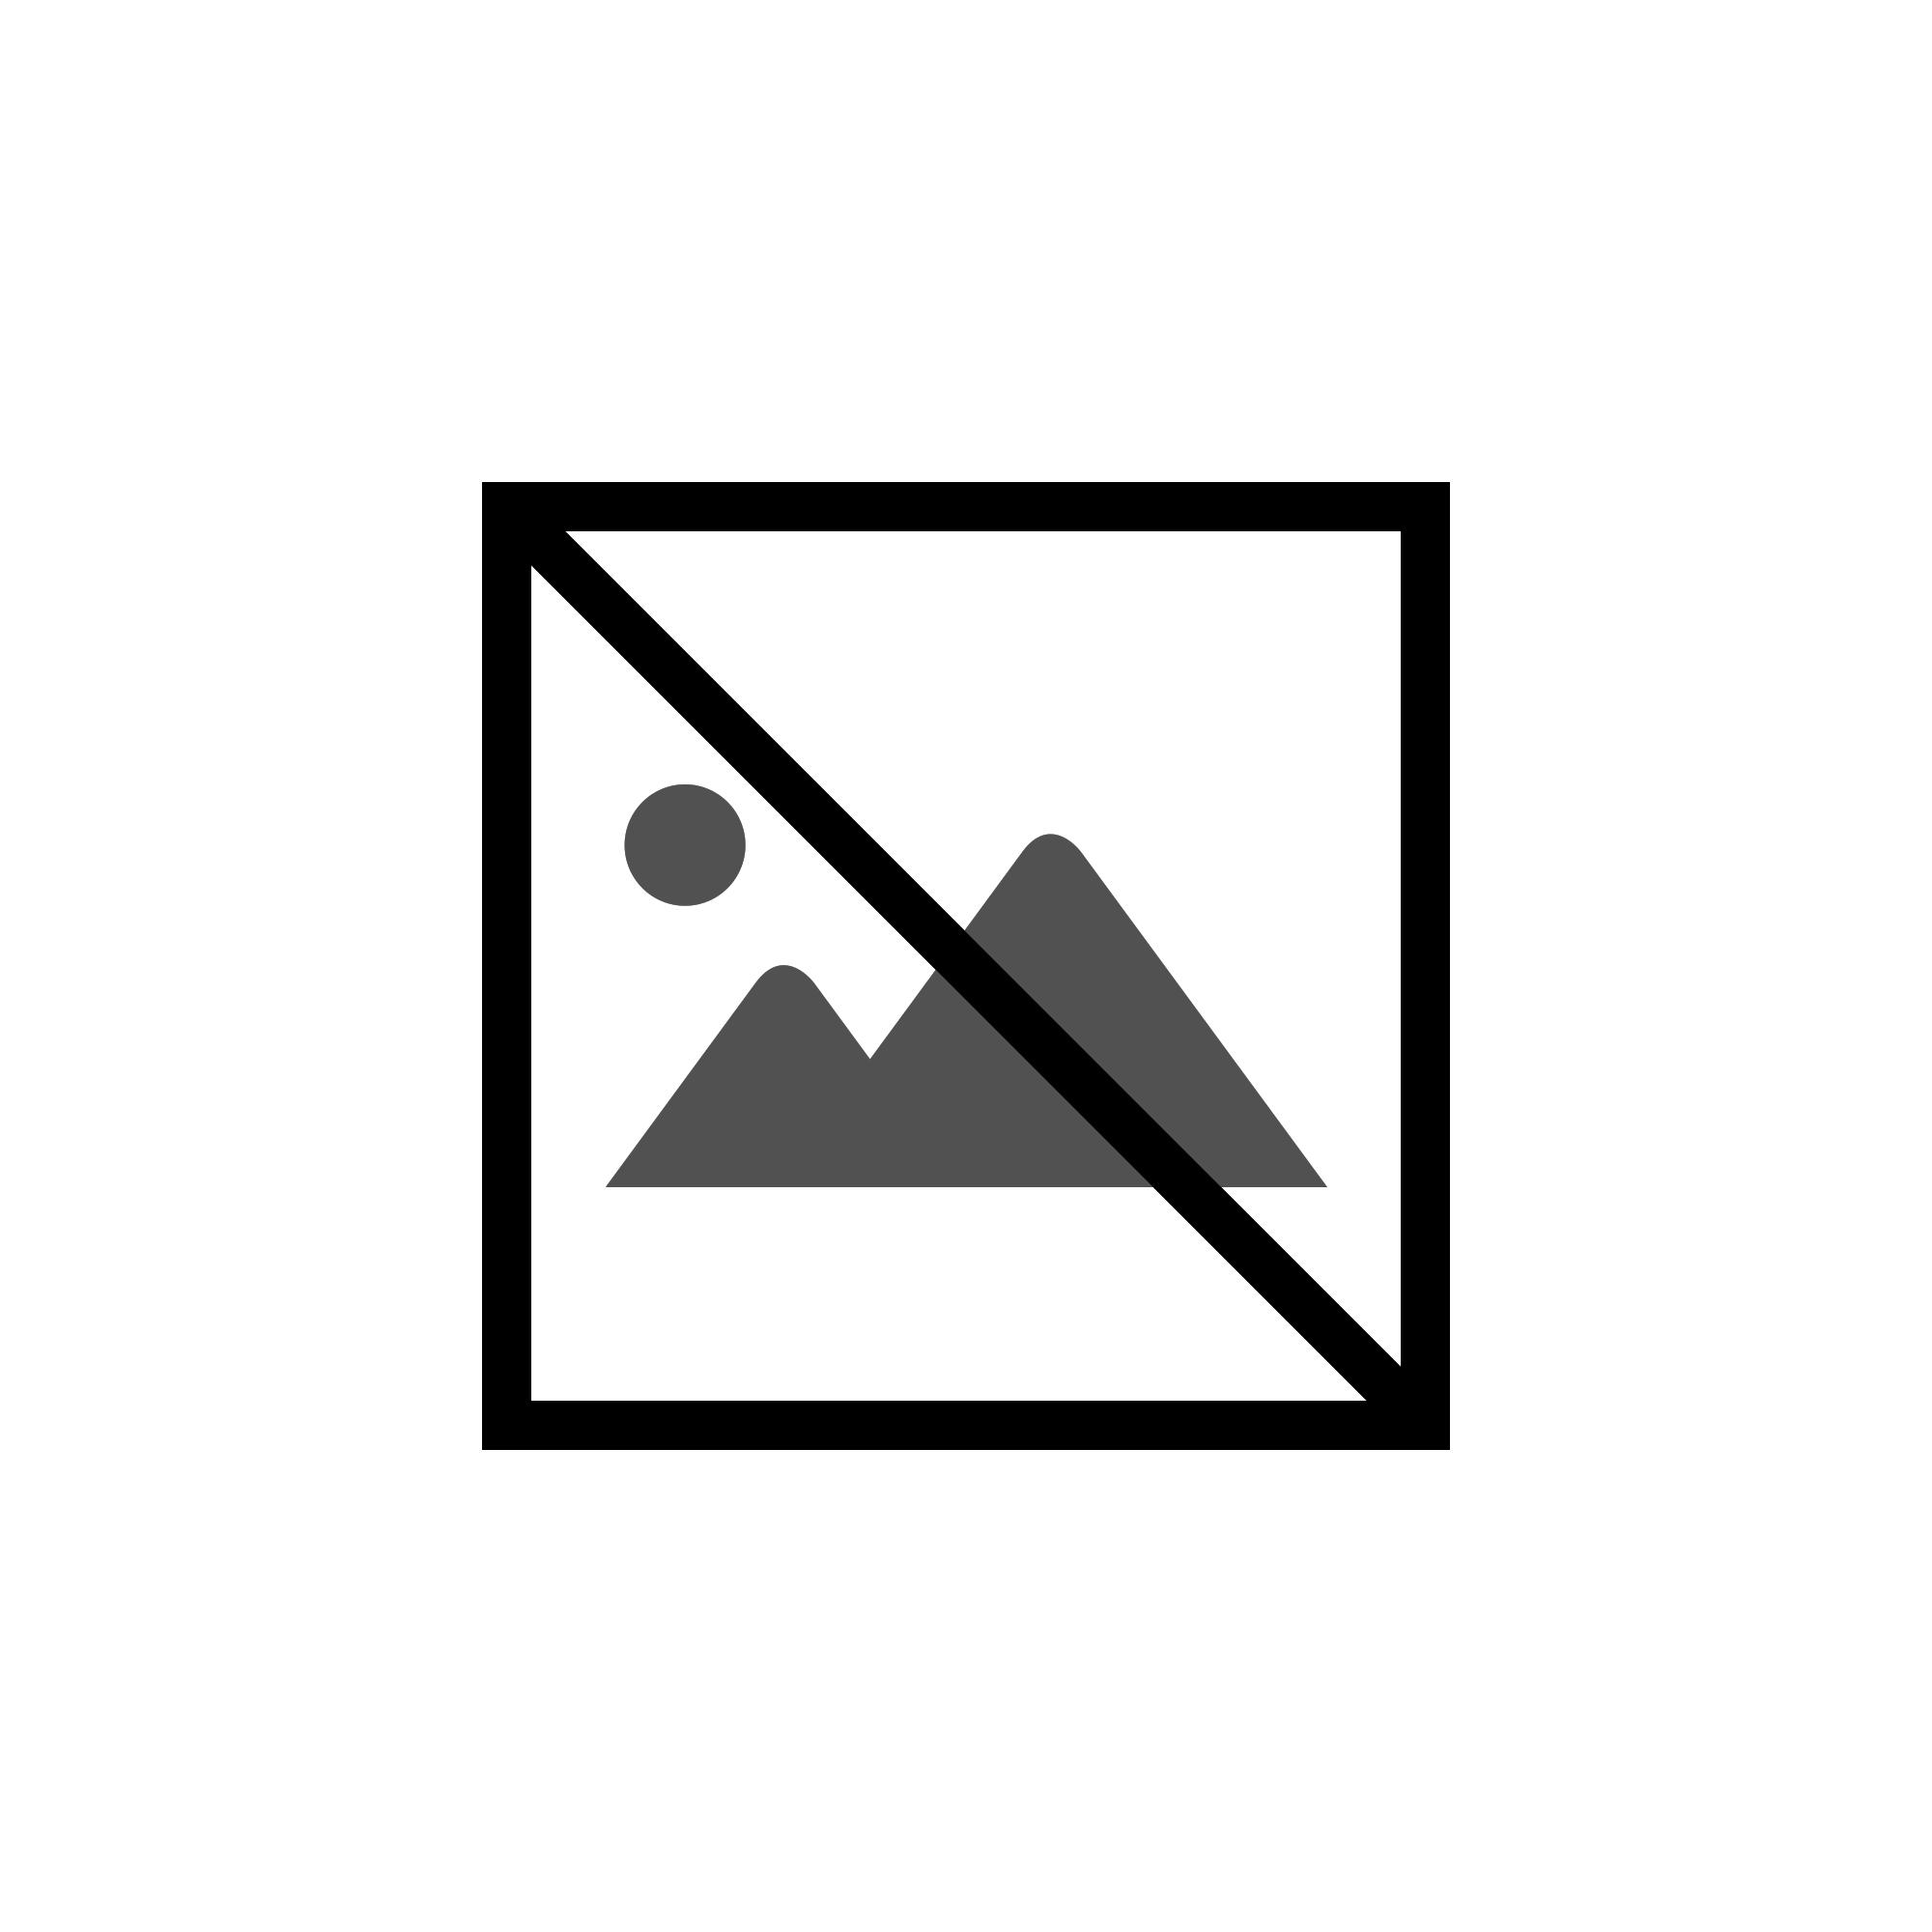 Marítimo, Golo, Maazou, 54m, 3-2